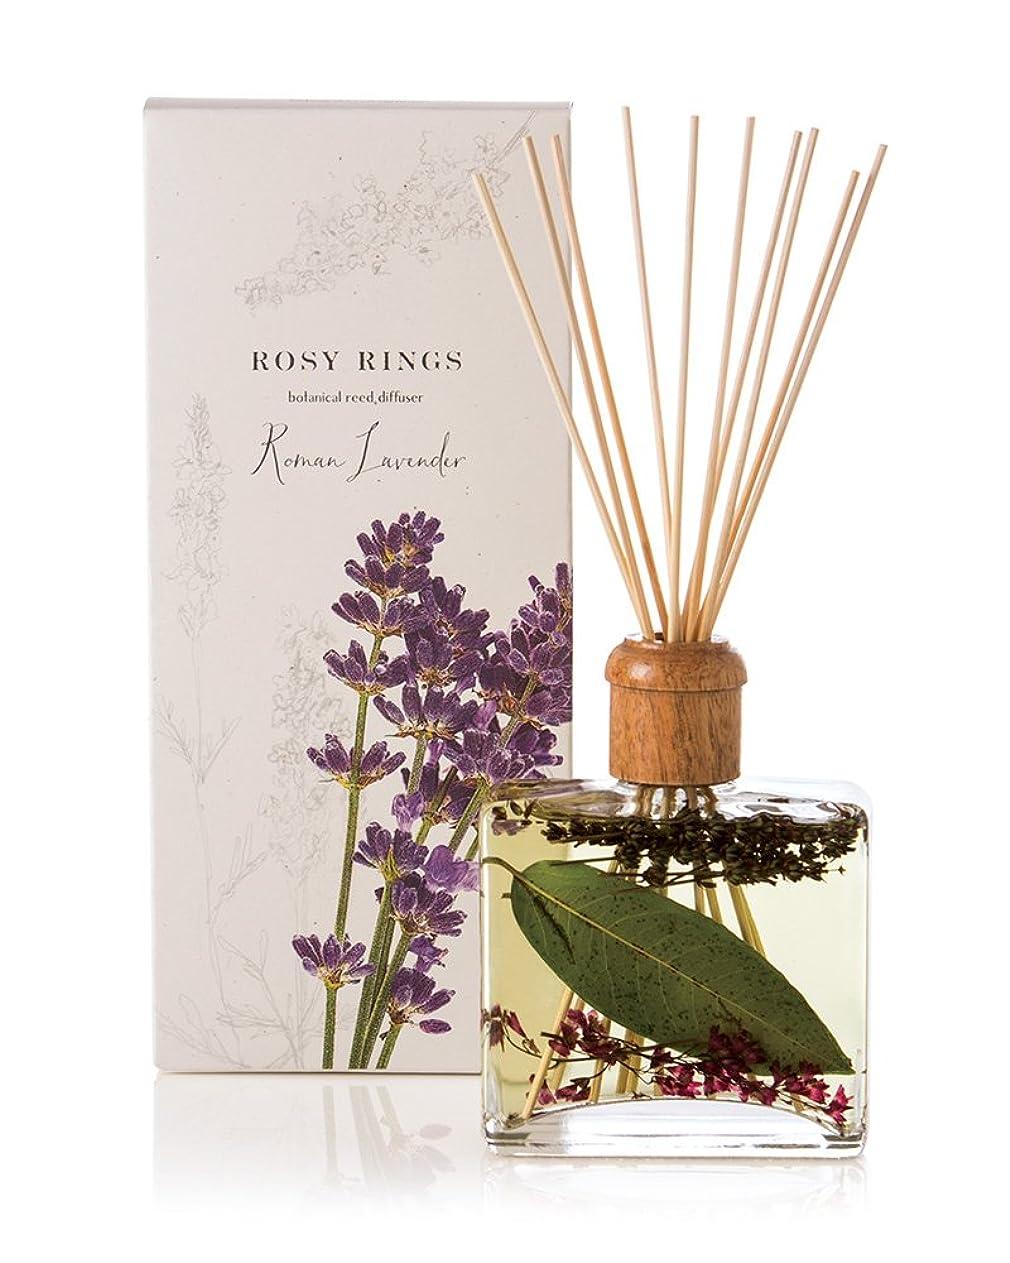 グレーナインへ酸ロージーリングス ボタニカルリードディフューザー ロマンラベンダー ROSY RINGS Signature Collection Botanical Reed Diffuser – Roman Lavender